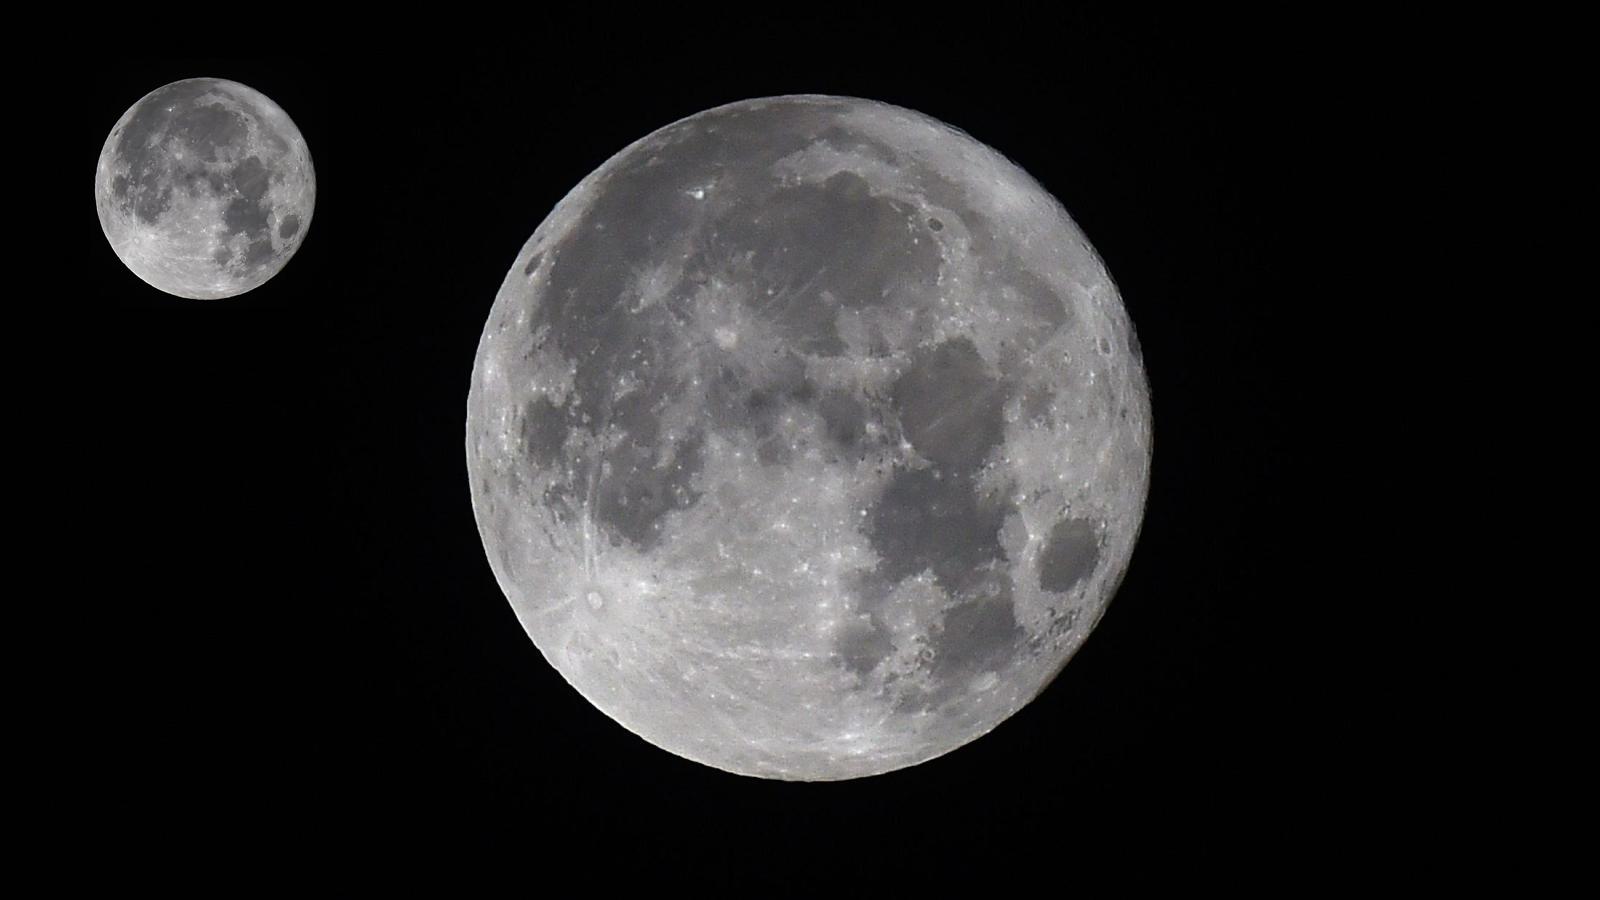 Liệu Mặt trăng có trăng của chính nó? Và bạn sẽ không bao giờ đoán ra khoa học gọi tên nó là gì - Ảnh 1.